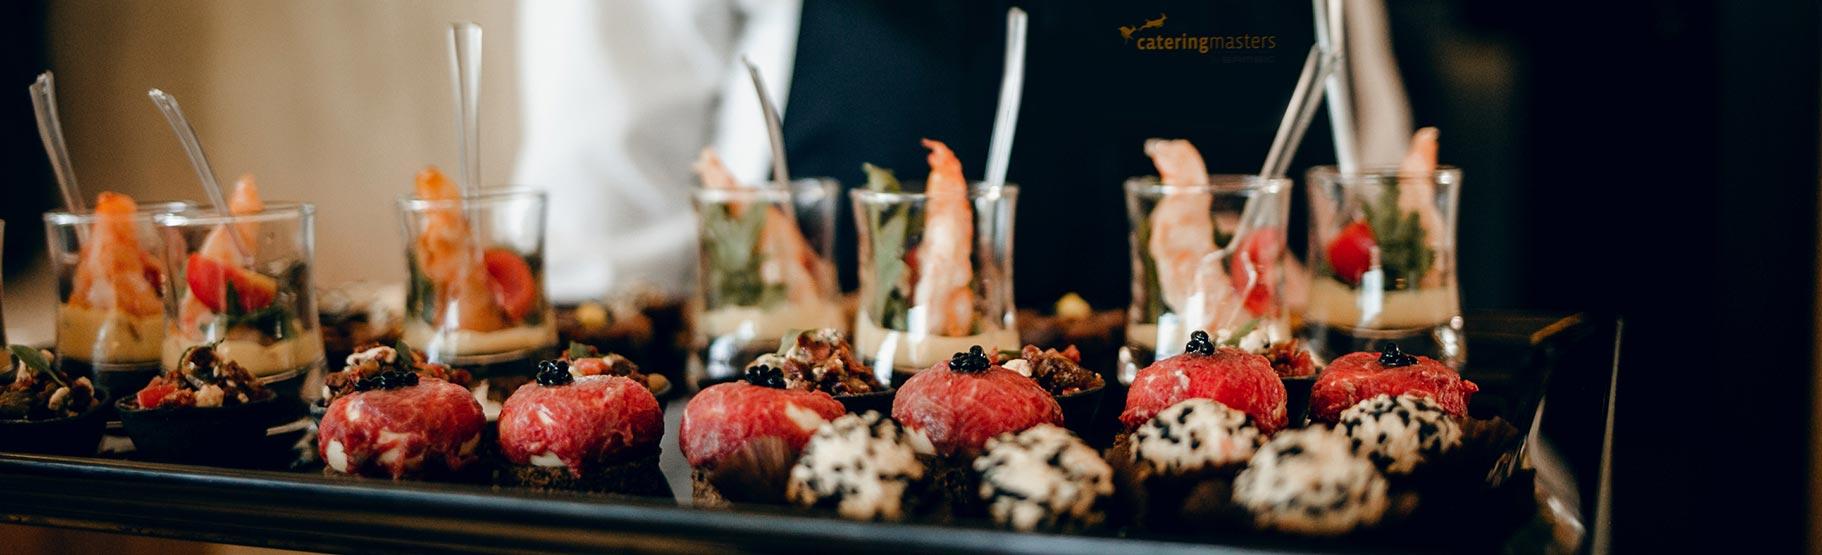 Oplossing op maat - Catering Masters